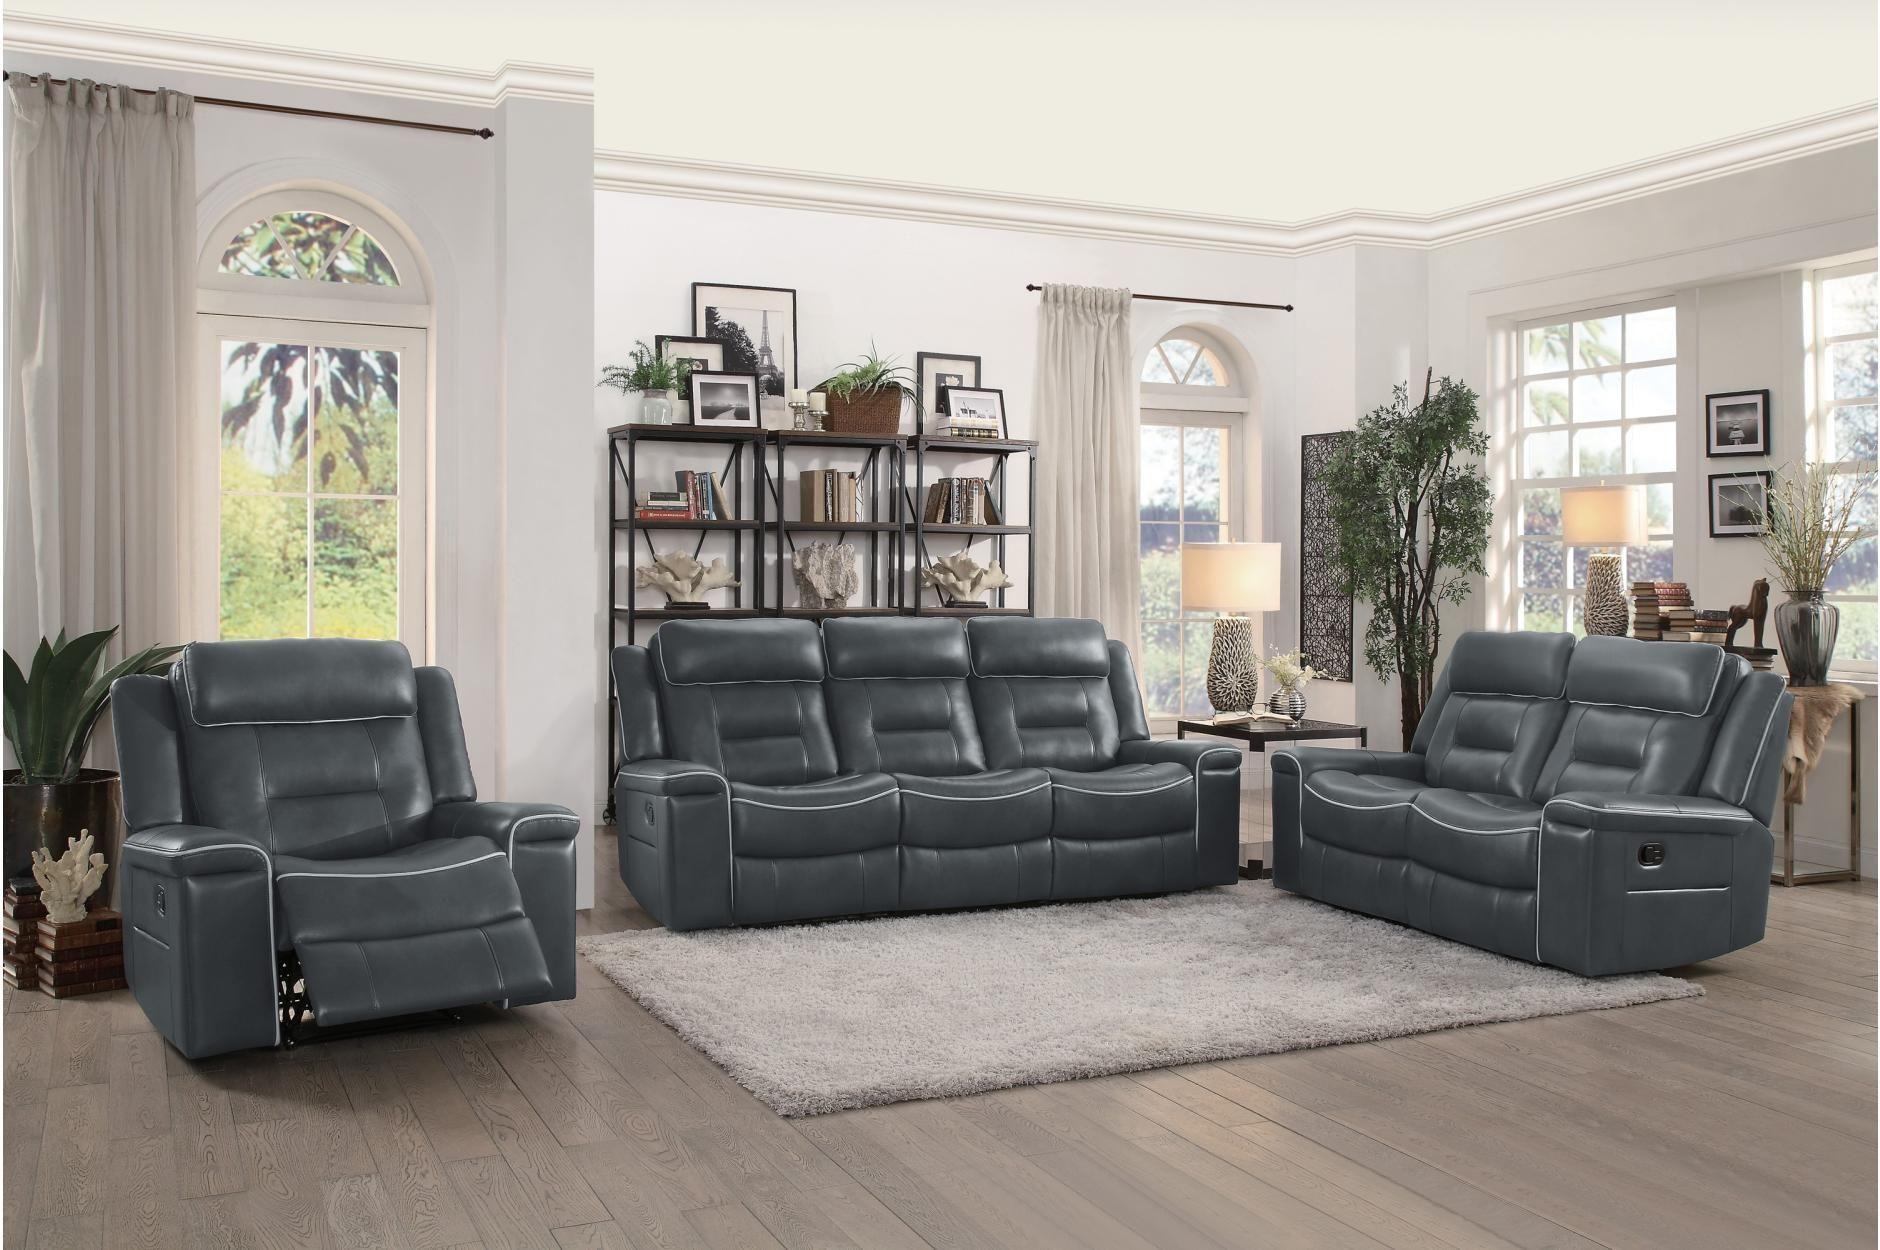 Homelegance 9999dg 3 Darwan Dark Grey Leather 3 Pcs Recliner Sofa Set Living Room Sets Leather Living Room Set Sofa Set